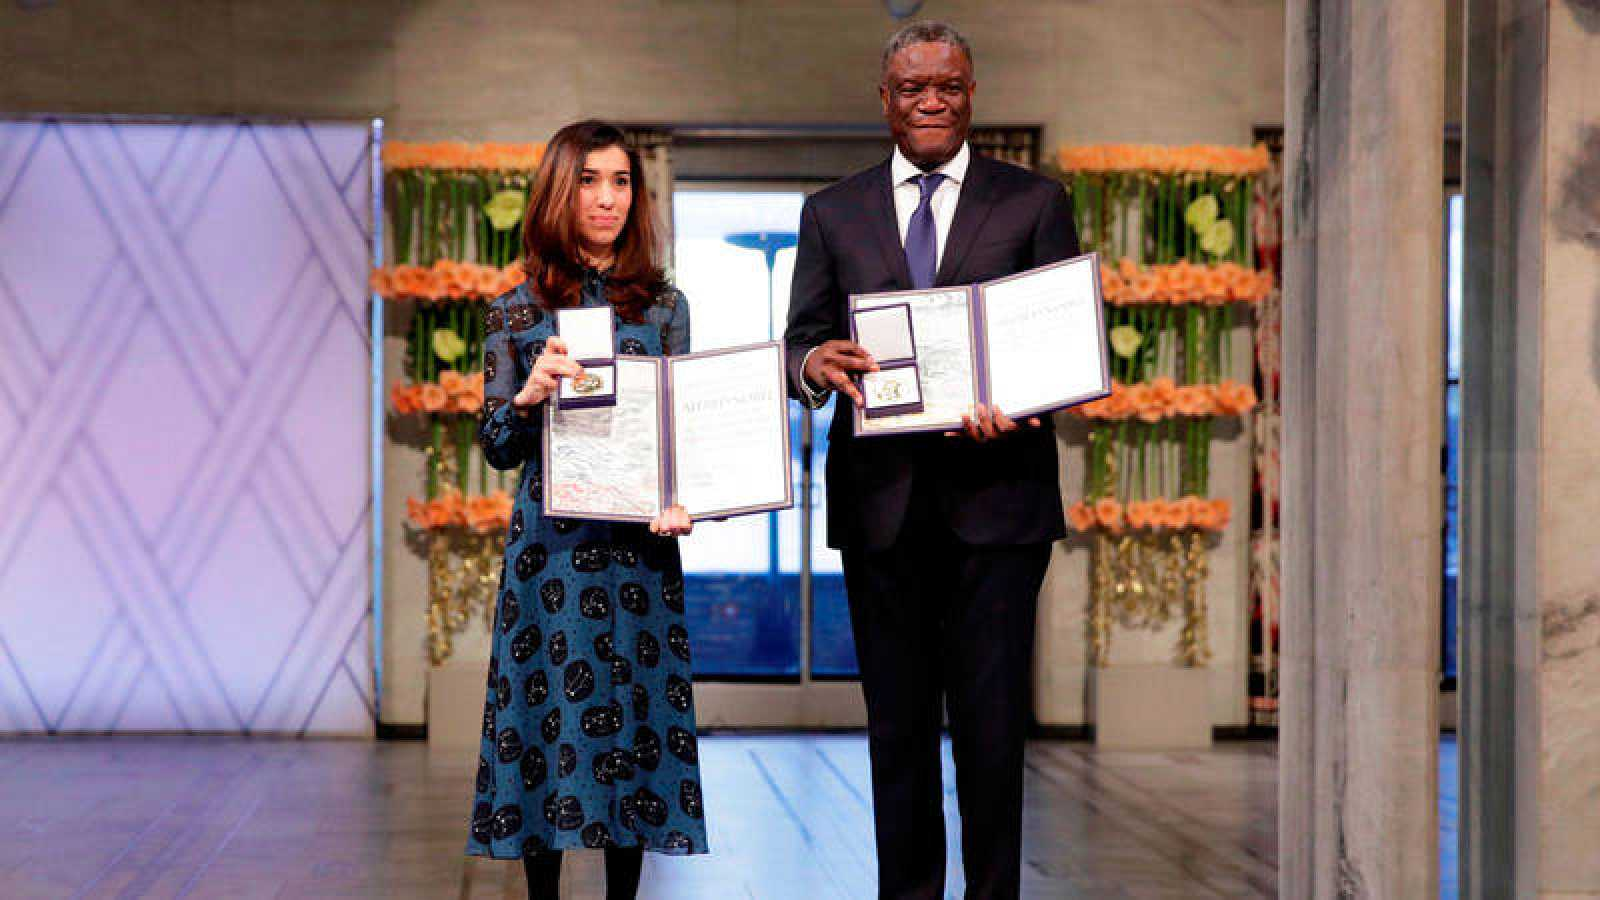 La activista yazidí Nadia Murad y el médico congoleño Denis Mukwege recogen el premio Nobel de la Paz 2018